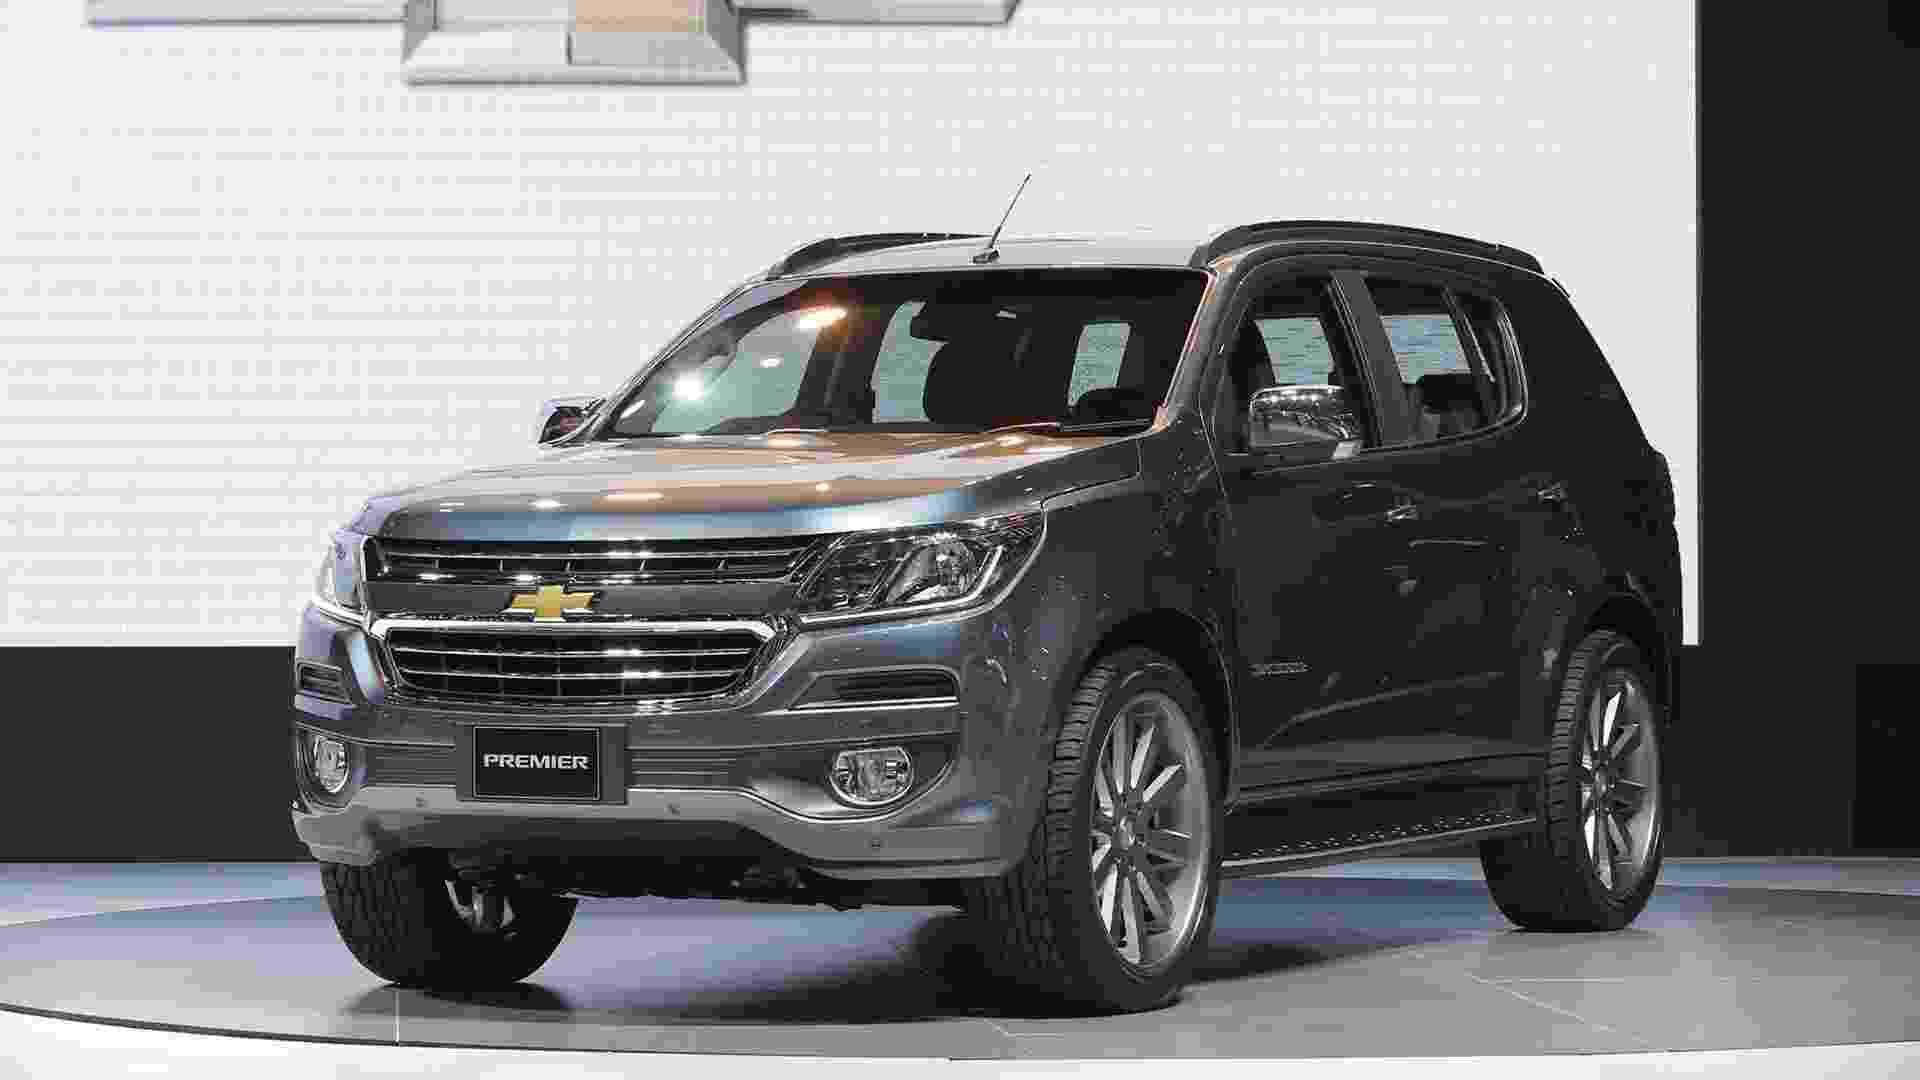 Chevrolet Trailblazer Premier - Divulgação/Chevrolet Thailand